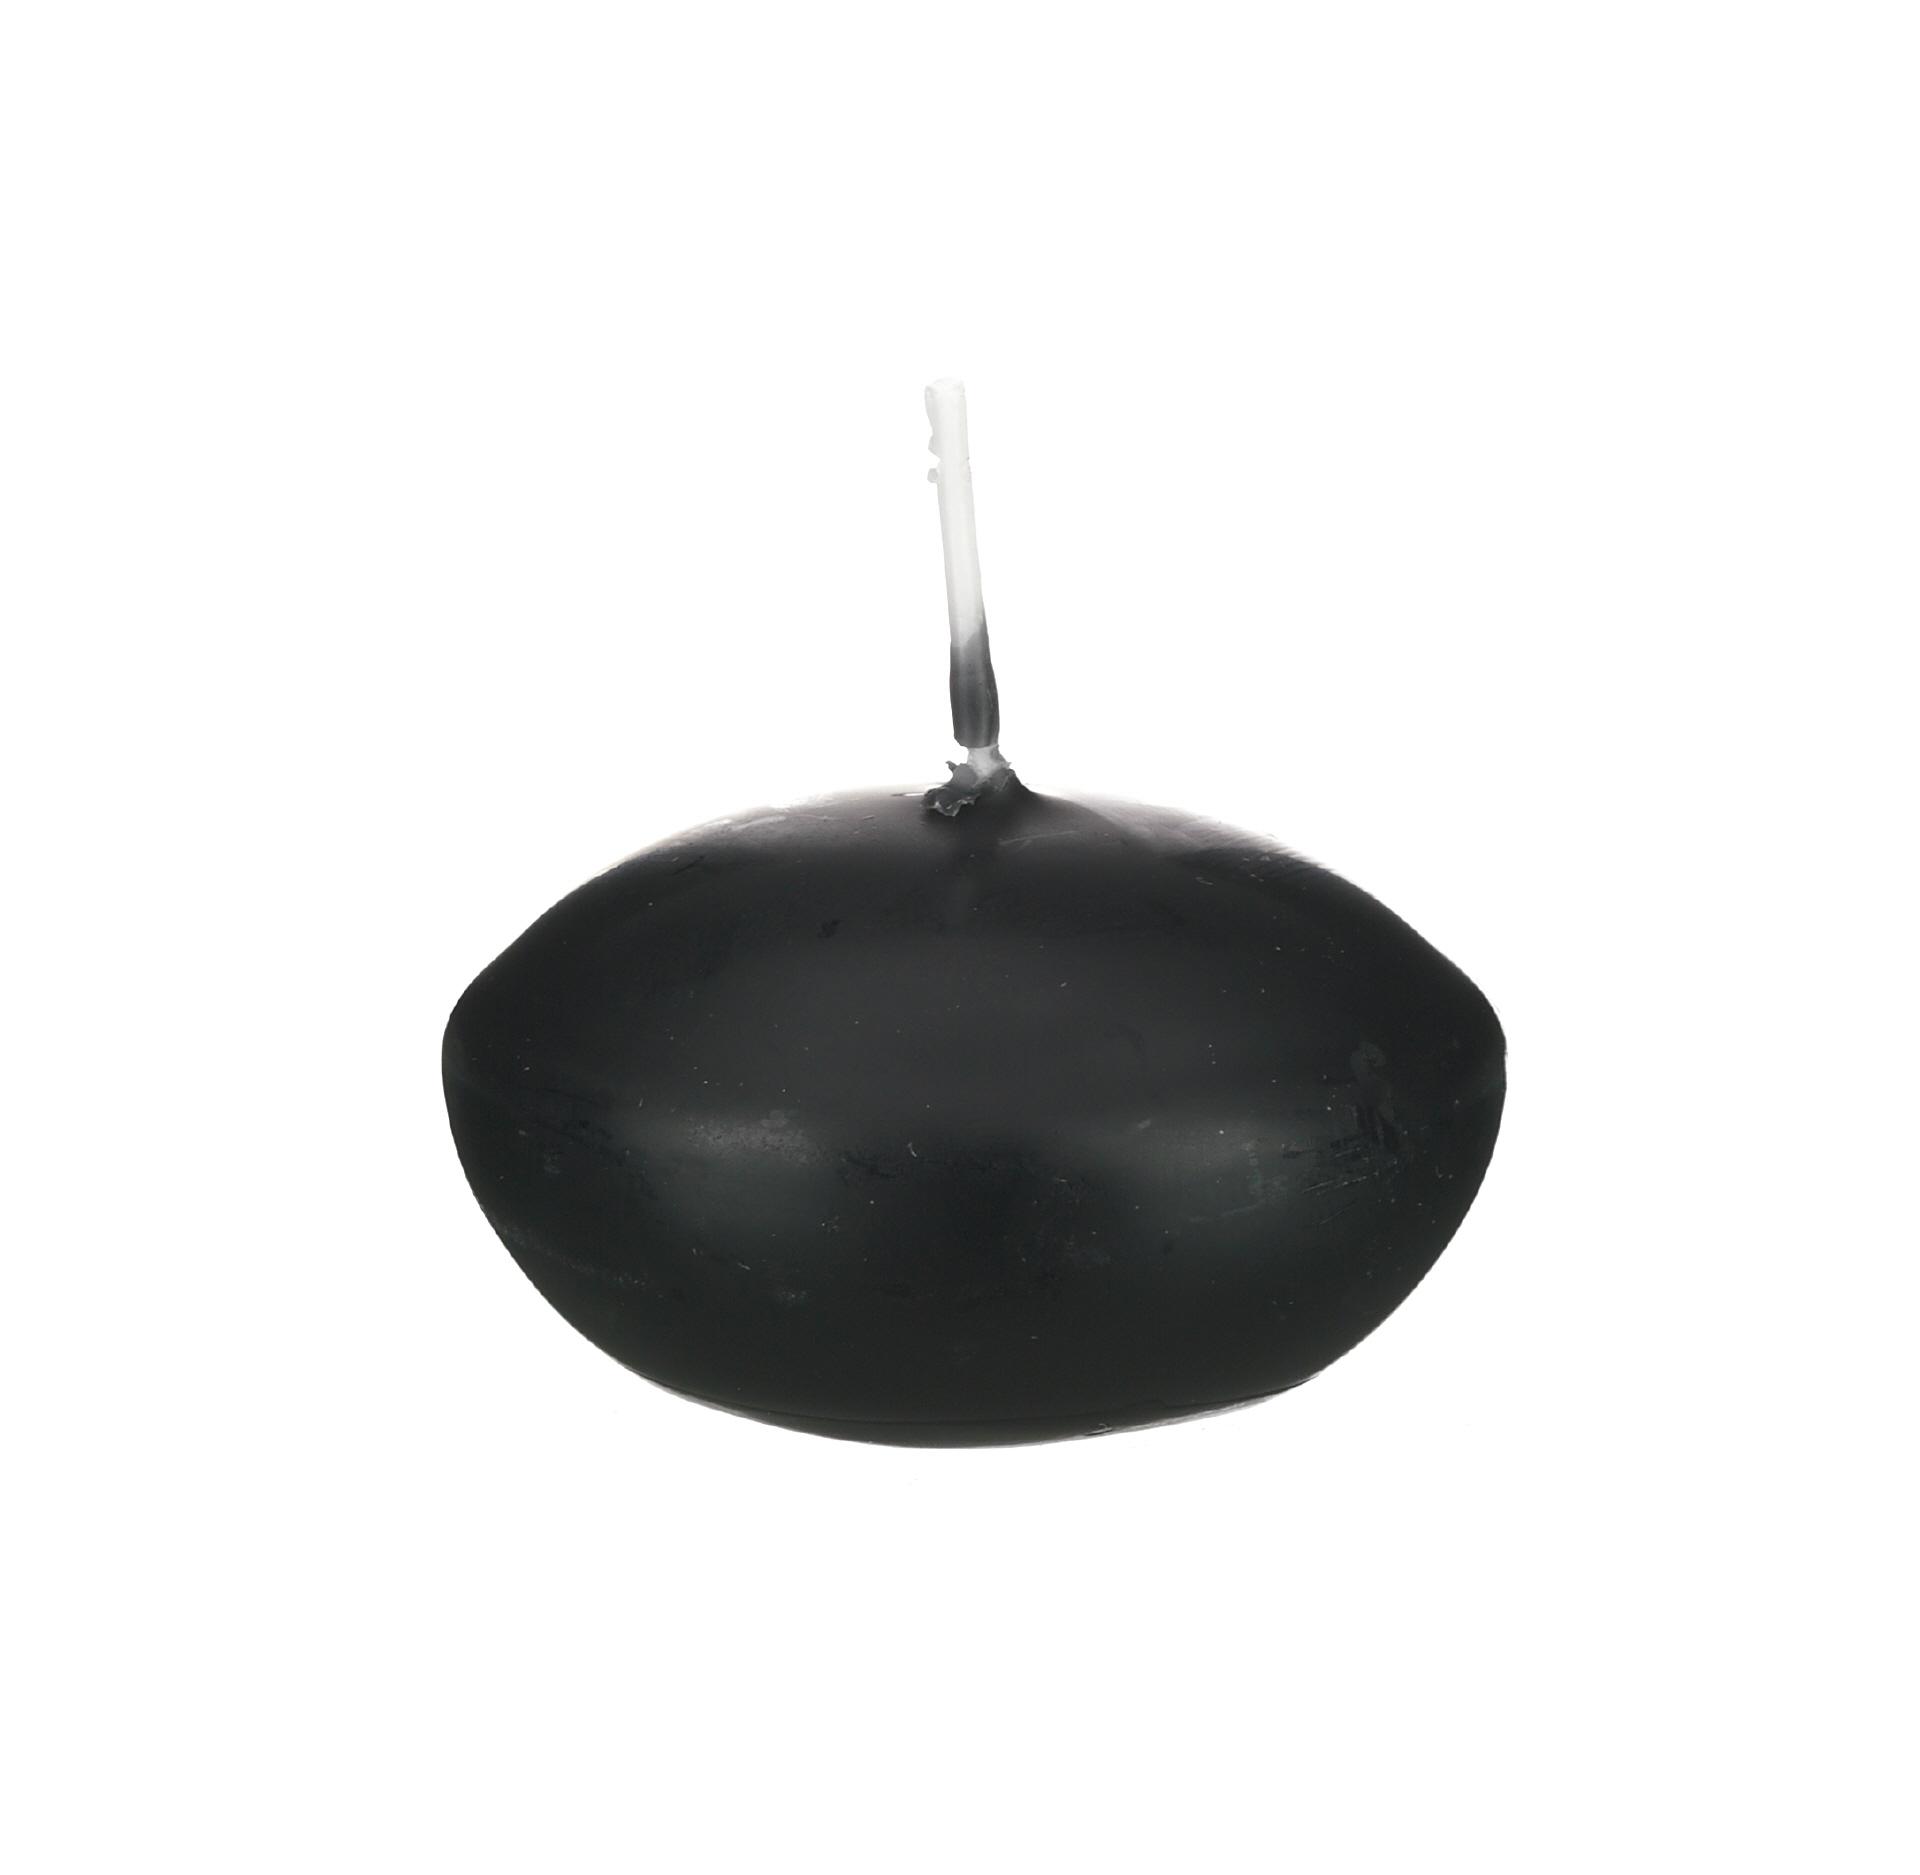 24er schwimmkerzen 45 mm schwarz im kerzen shop zu for Schwimmkerzen kaufen